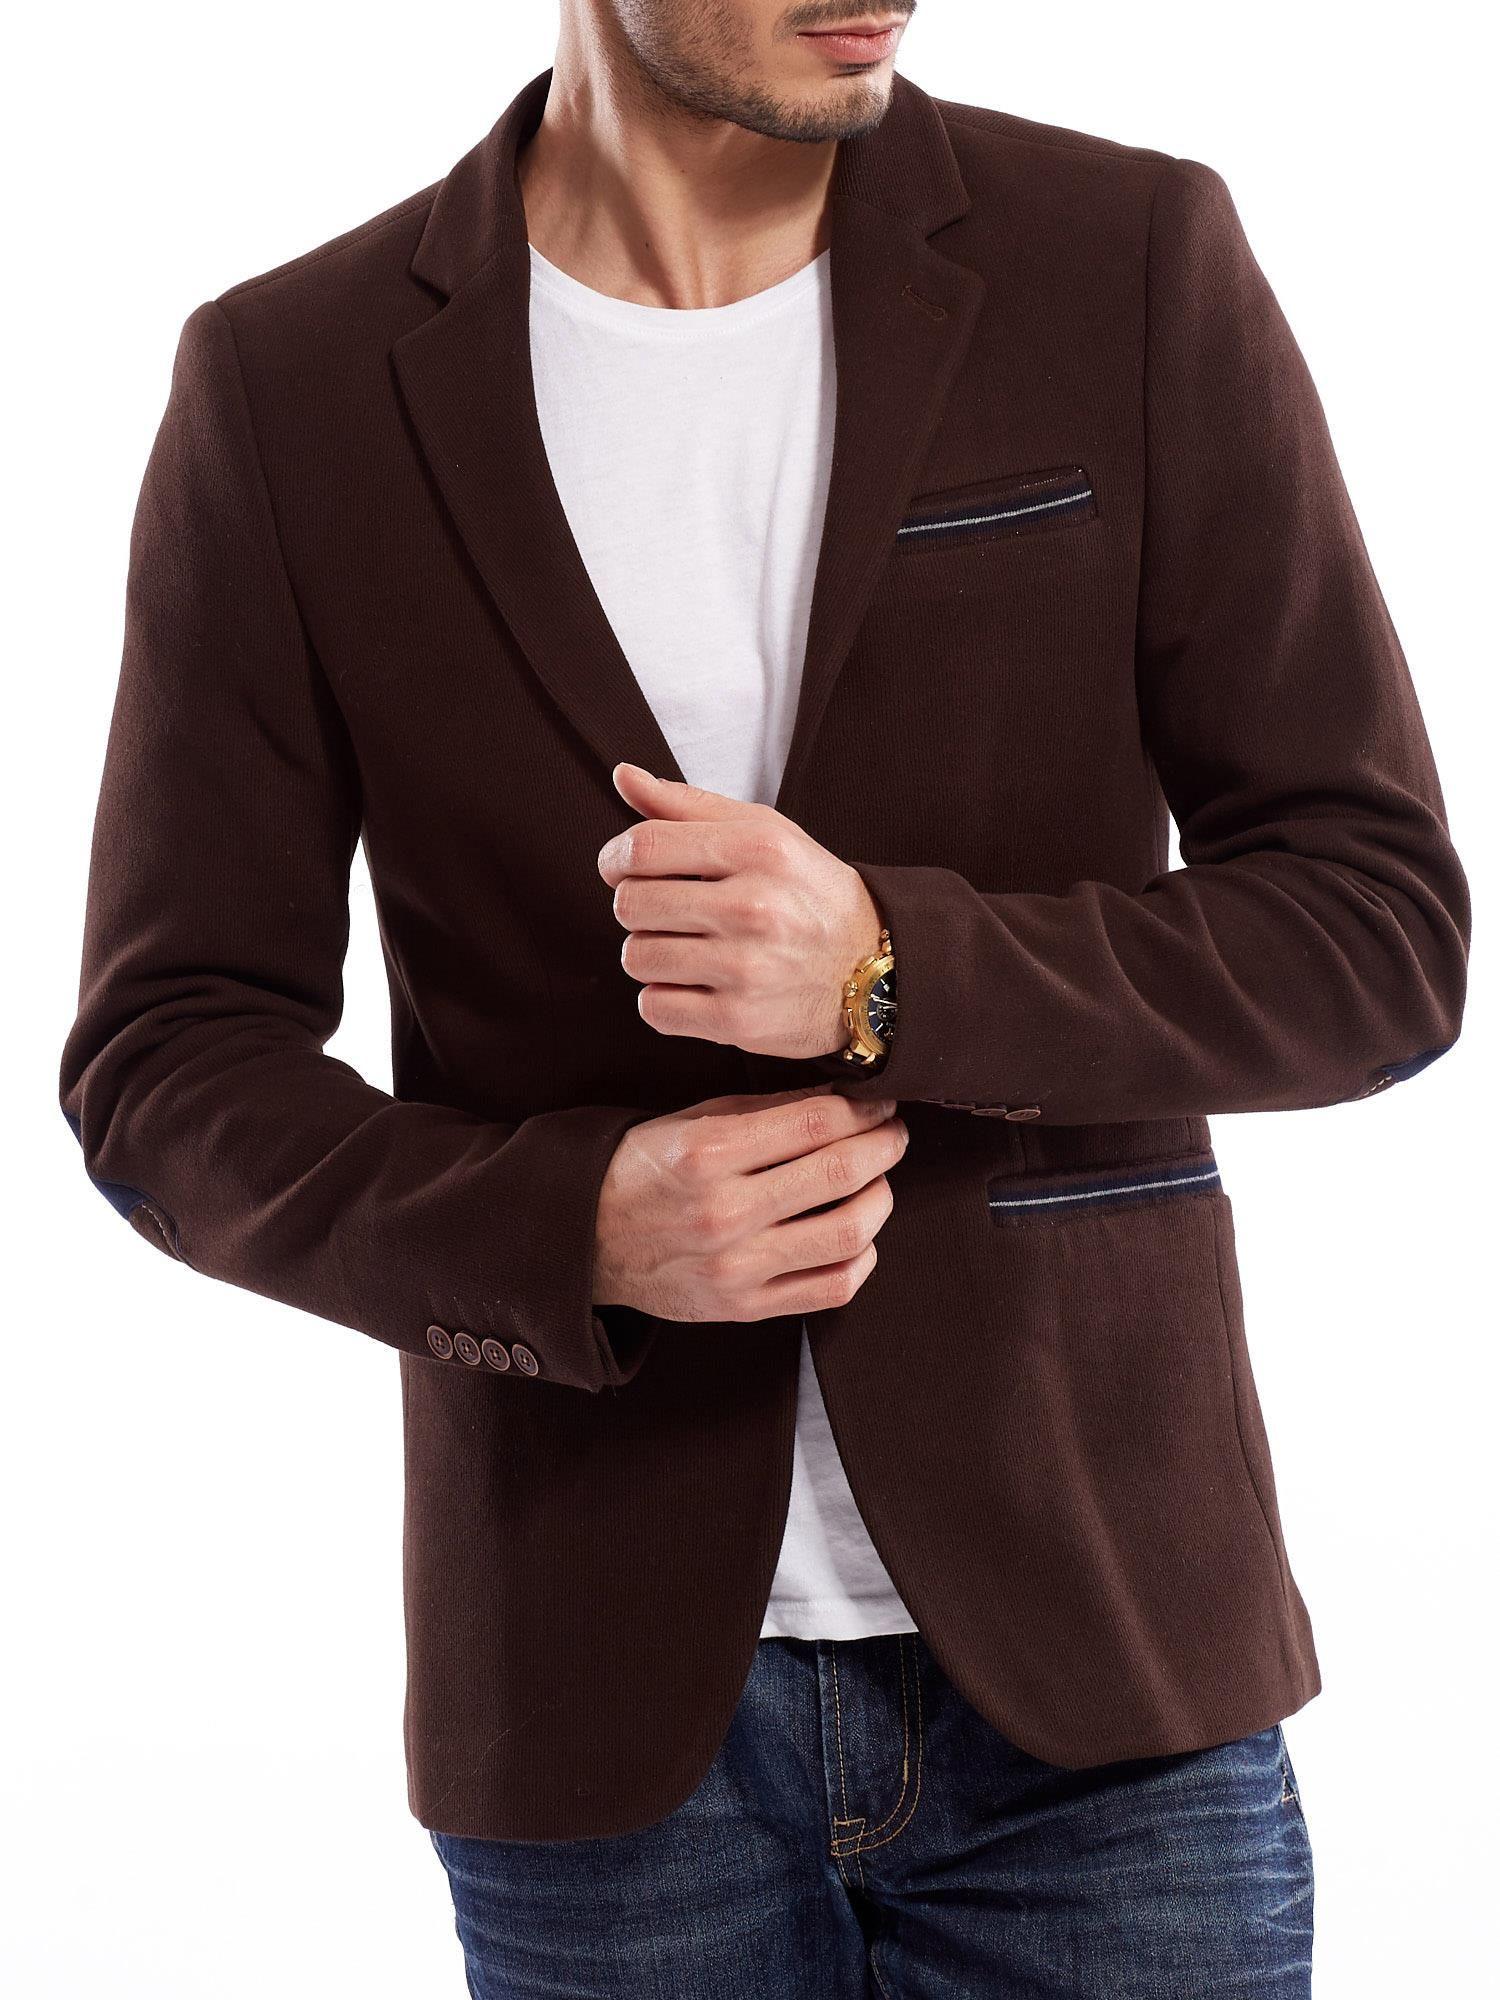 Pánská tmavě hnědá jednobarevná bunda s úzkým střihem